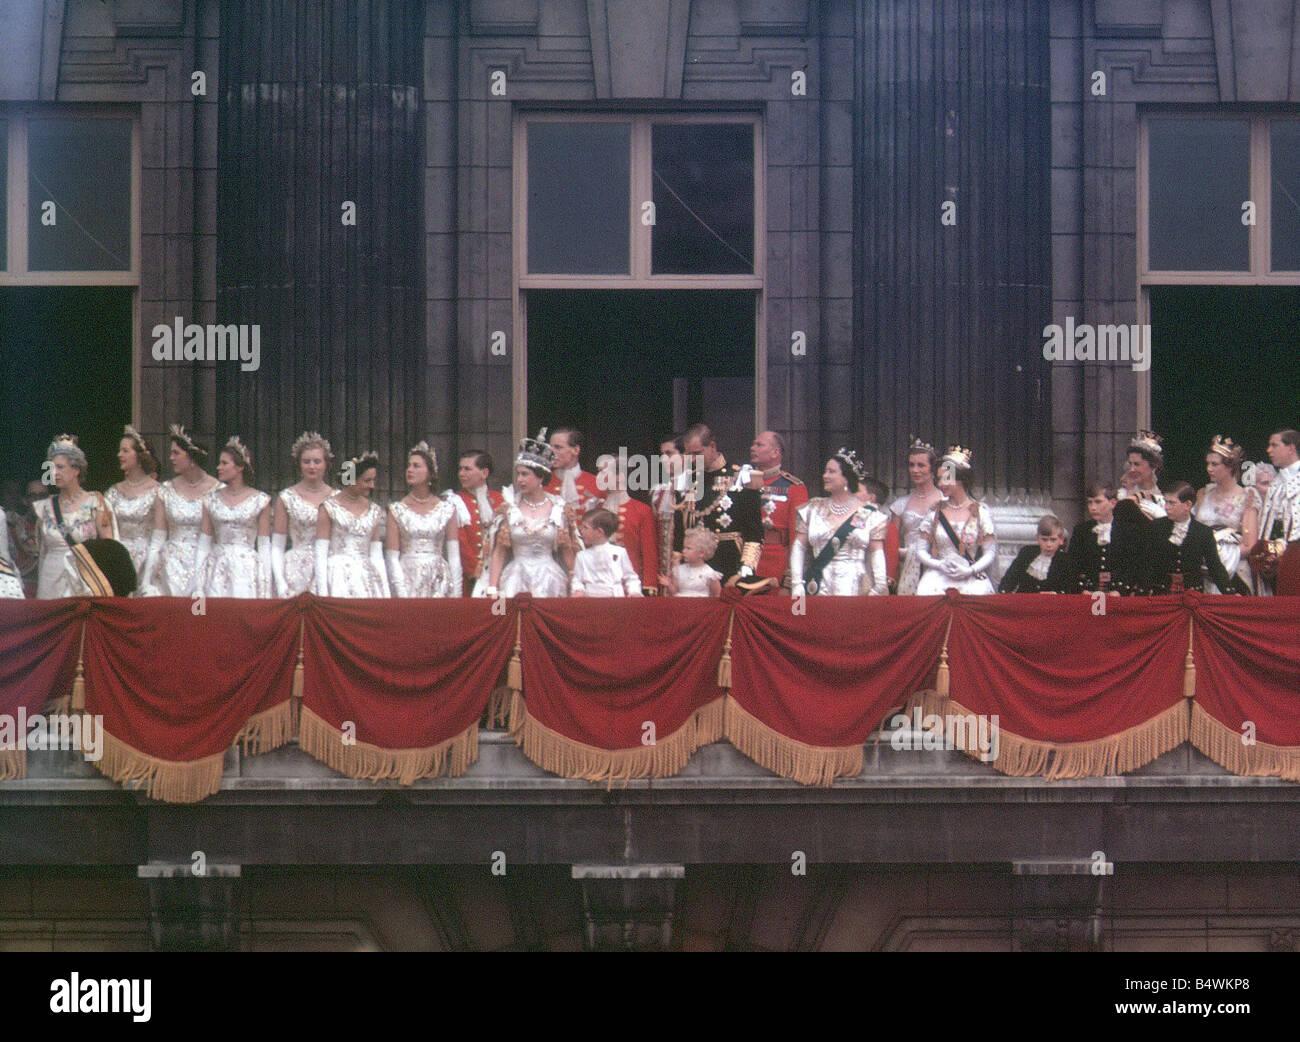 Queen elizabeth ii 1953 coronation balcony scene the queen for Queen on balcony